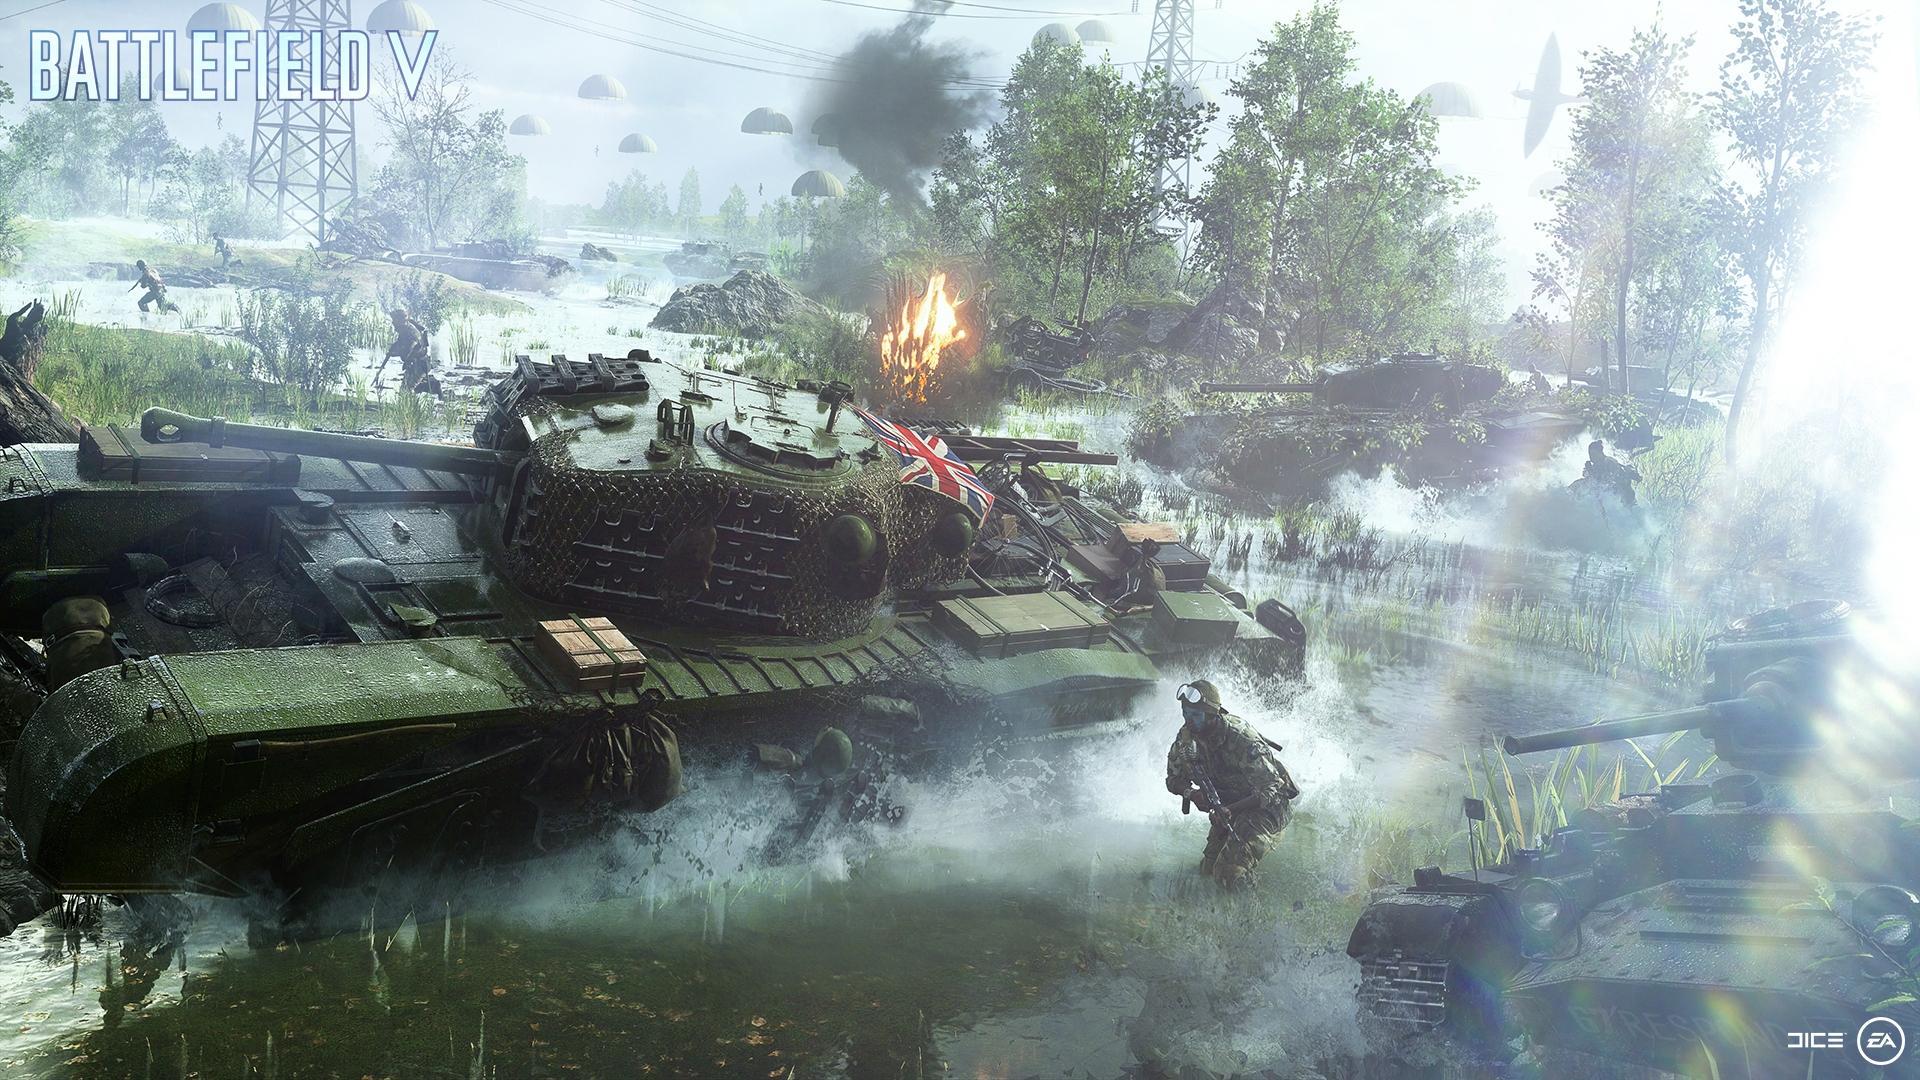 Battlefield 1 War Video Game Hd Wallpaper: Wallpaper : Battefield V, Battlefield V, Battlefield 5